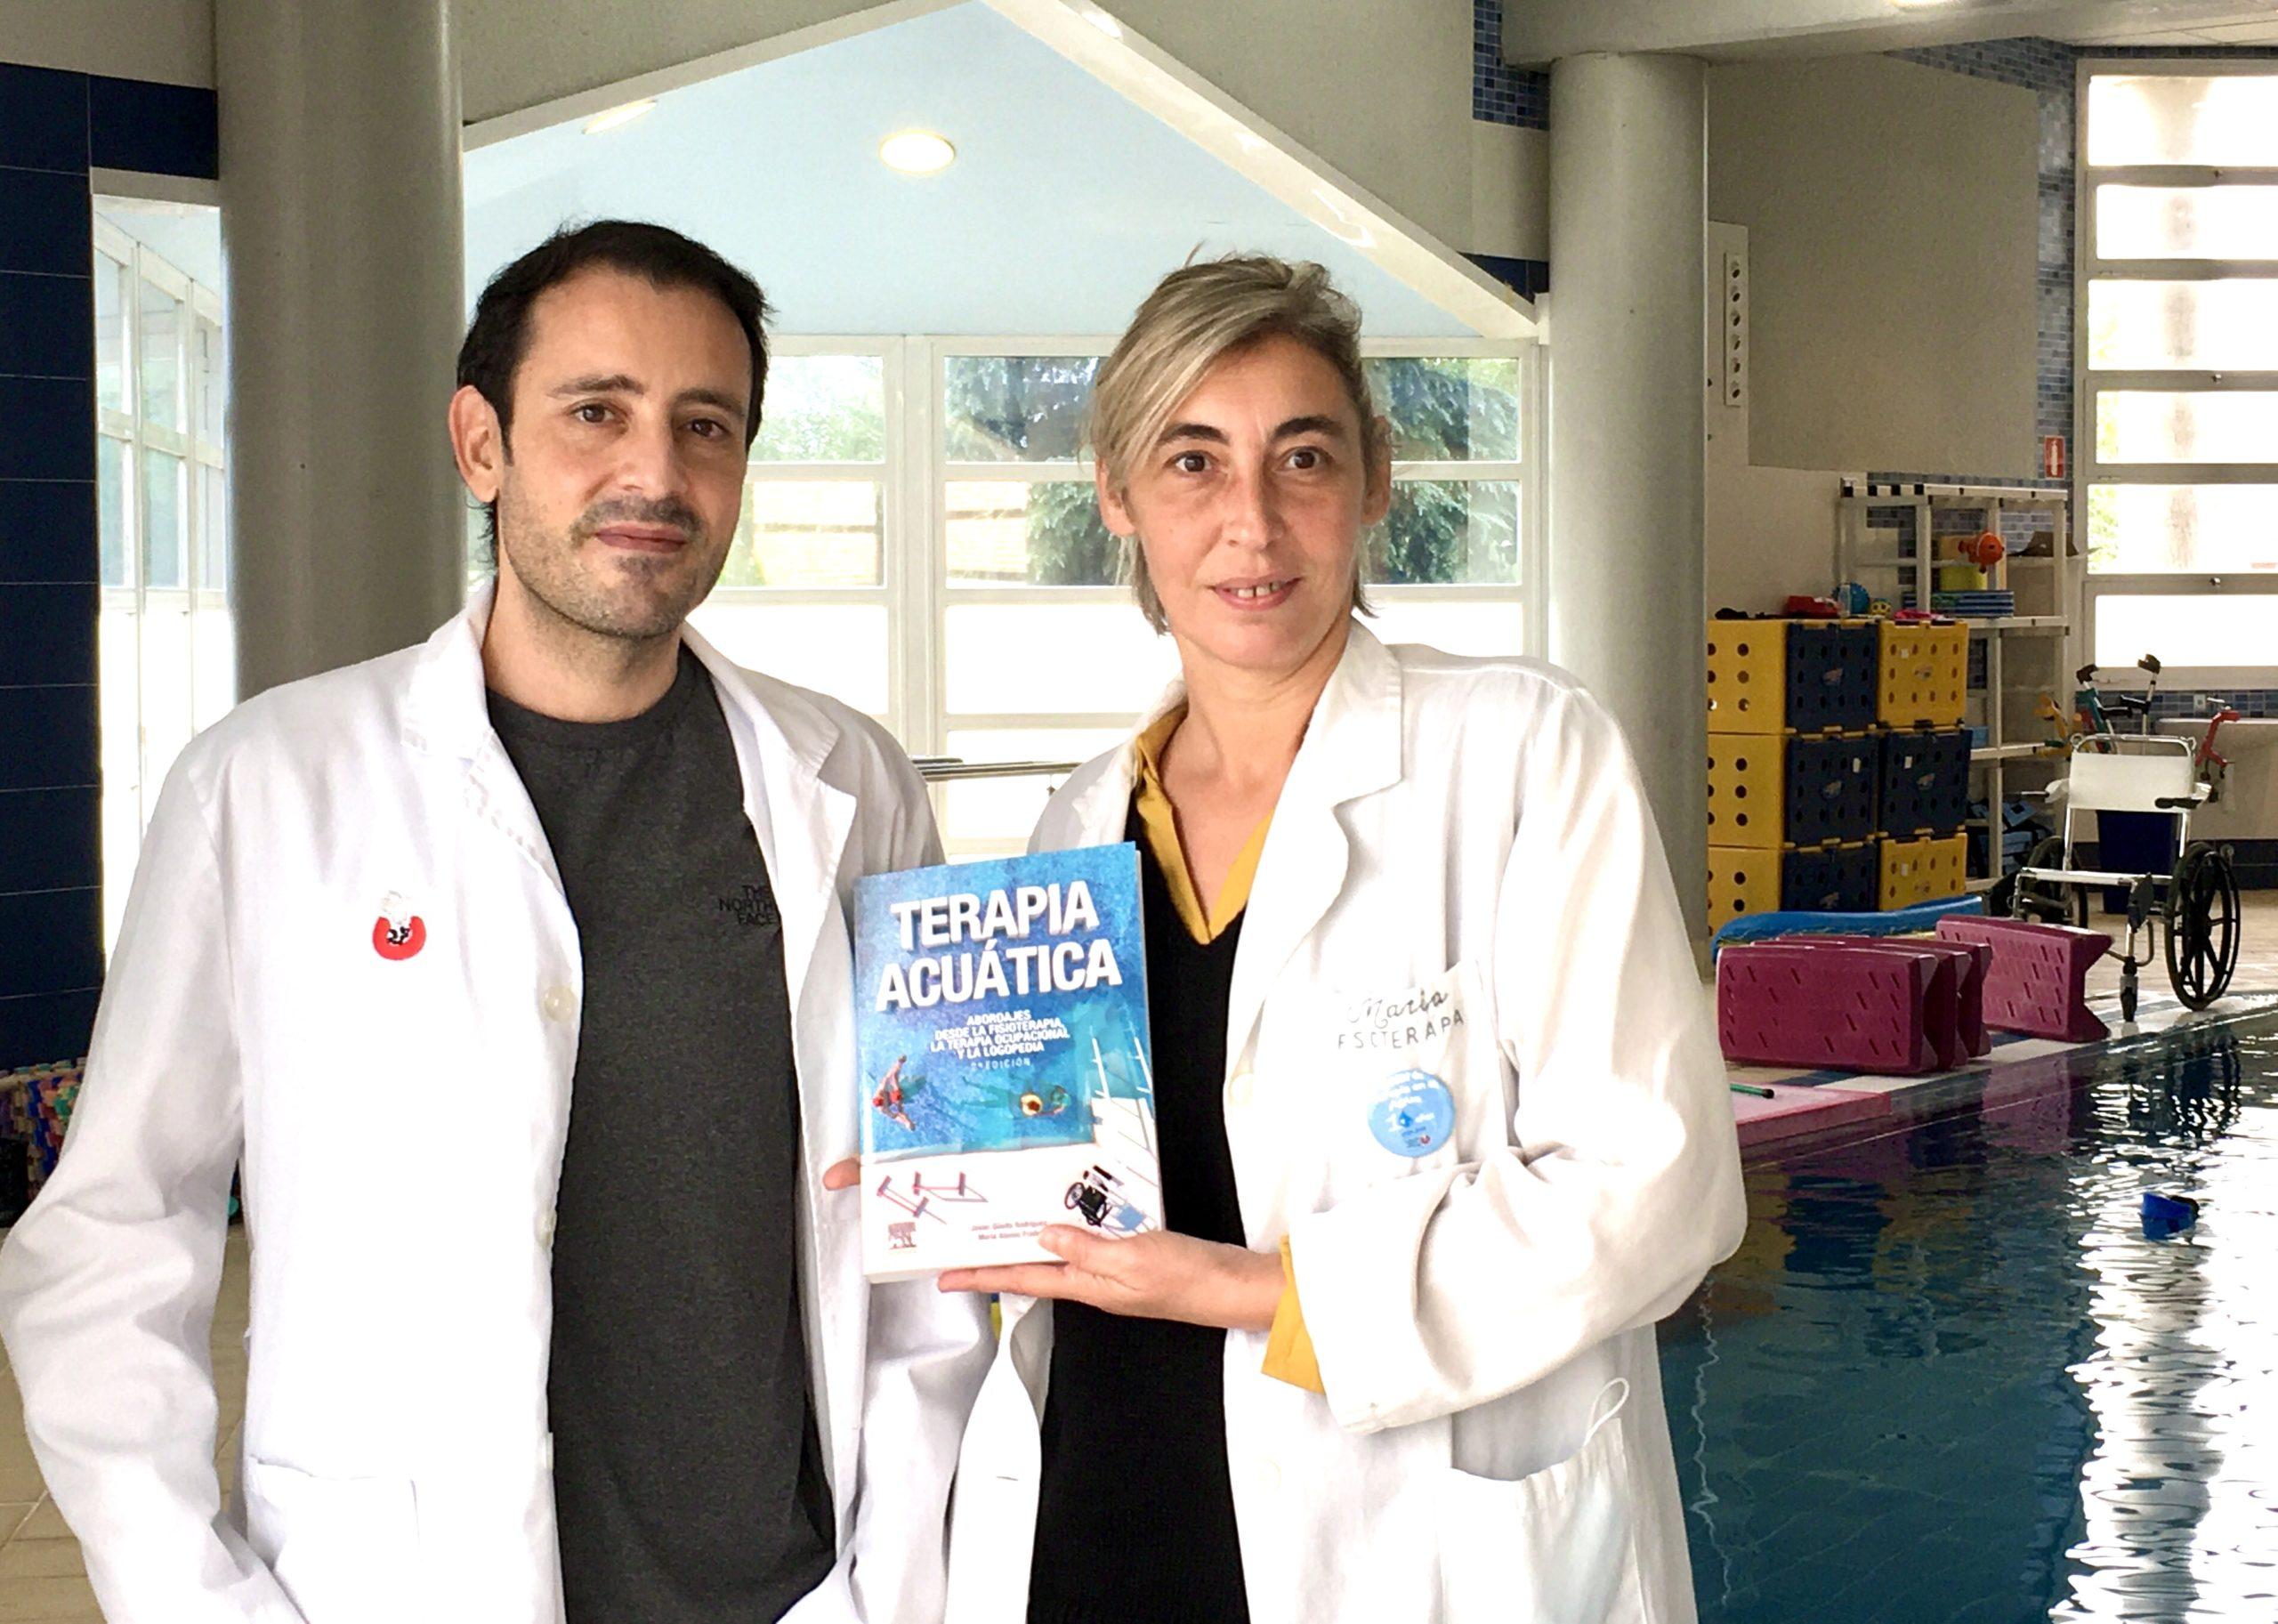 Los fisioterapeutas Javier Marcos y María Alonso